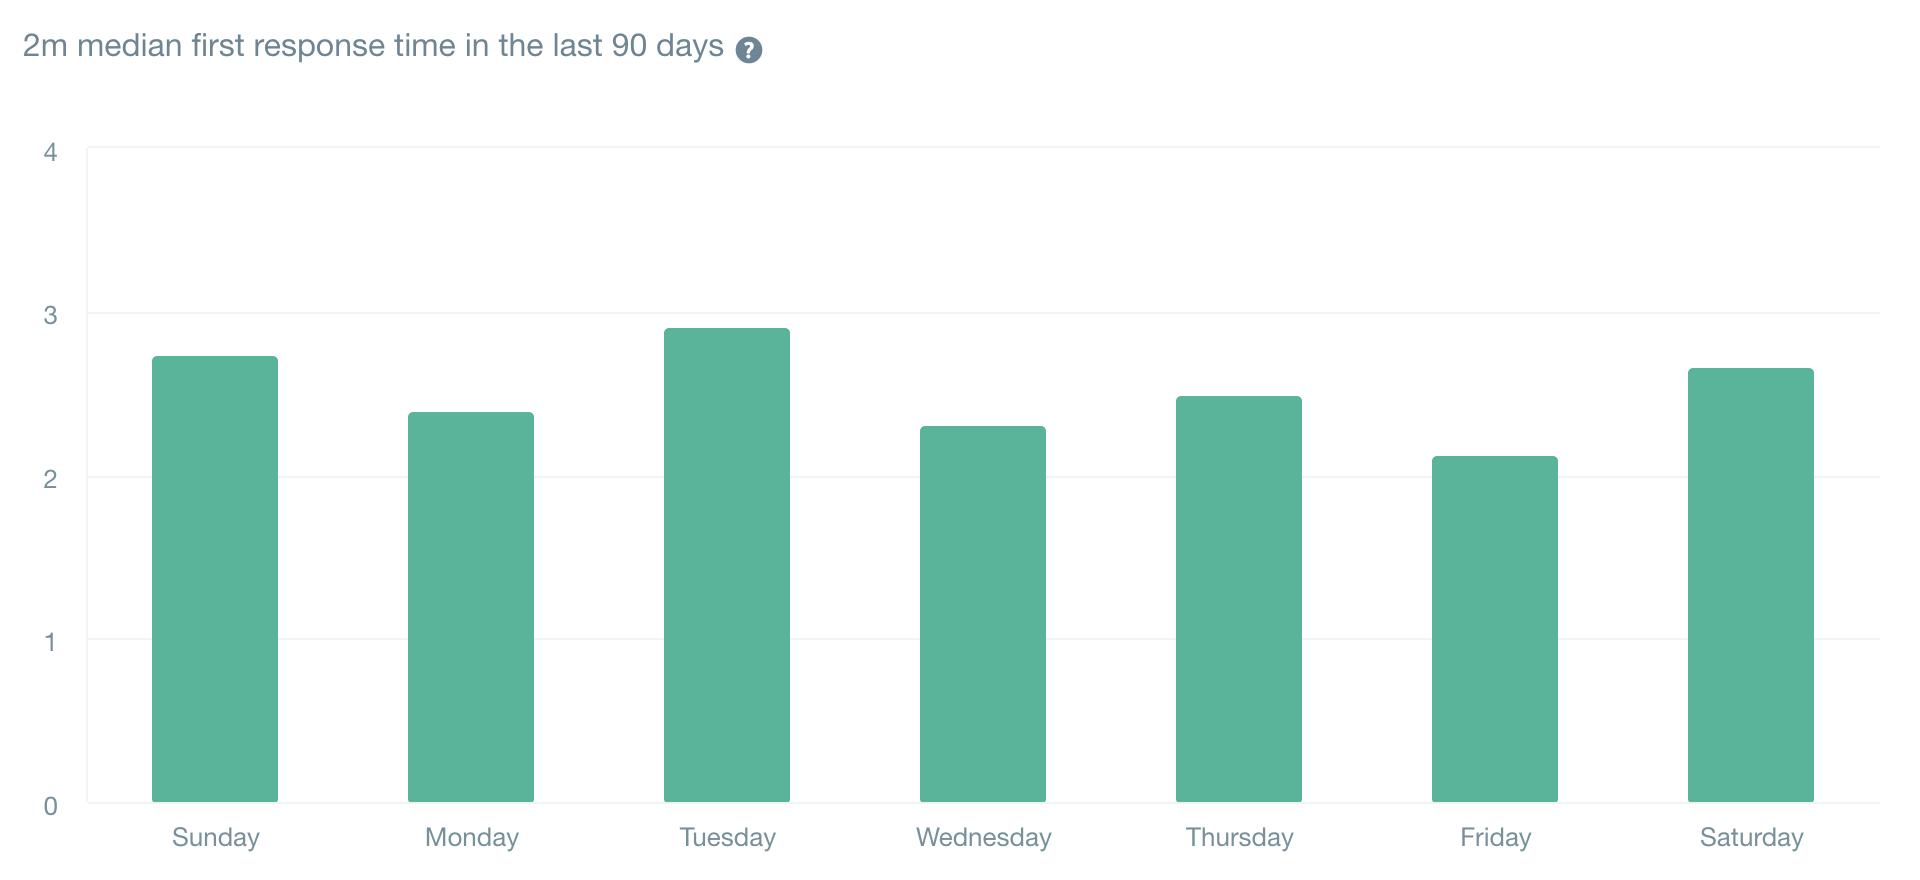 直近90日の初回回答時間の中央値は「2分」